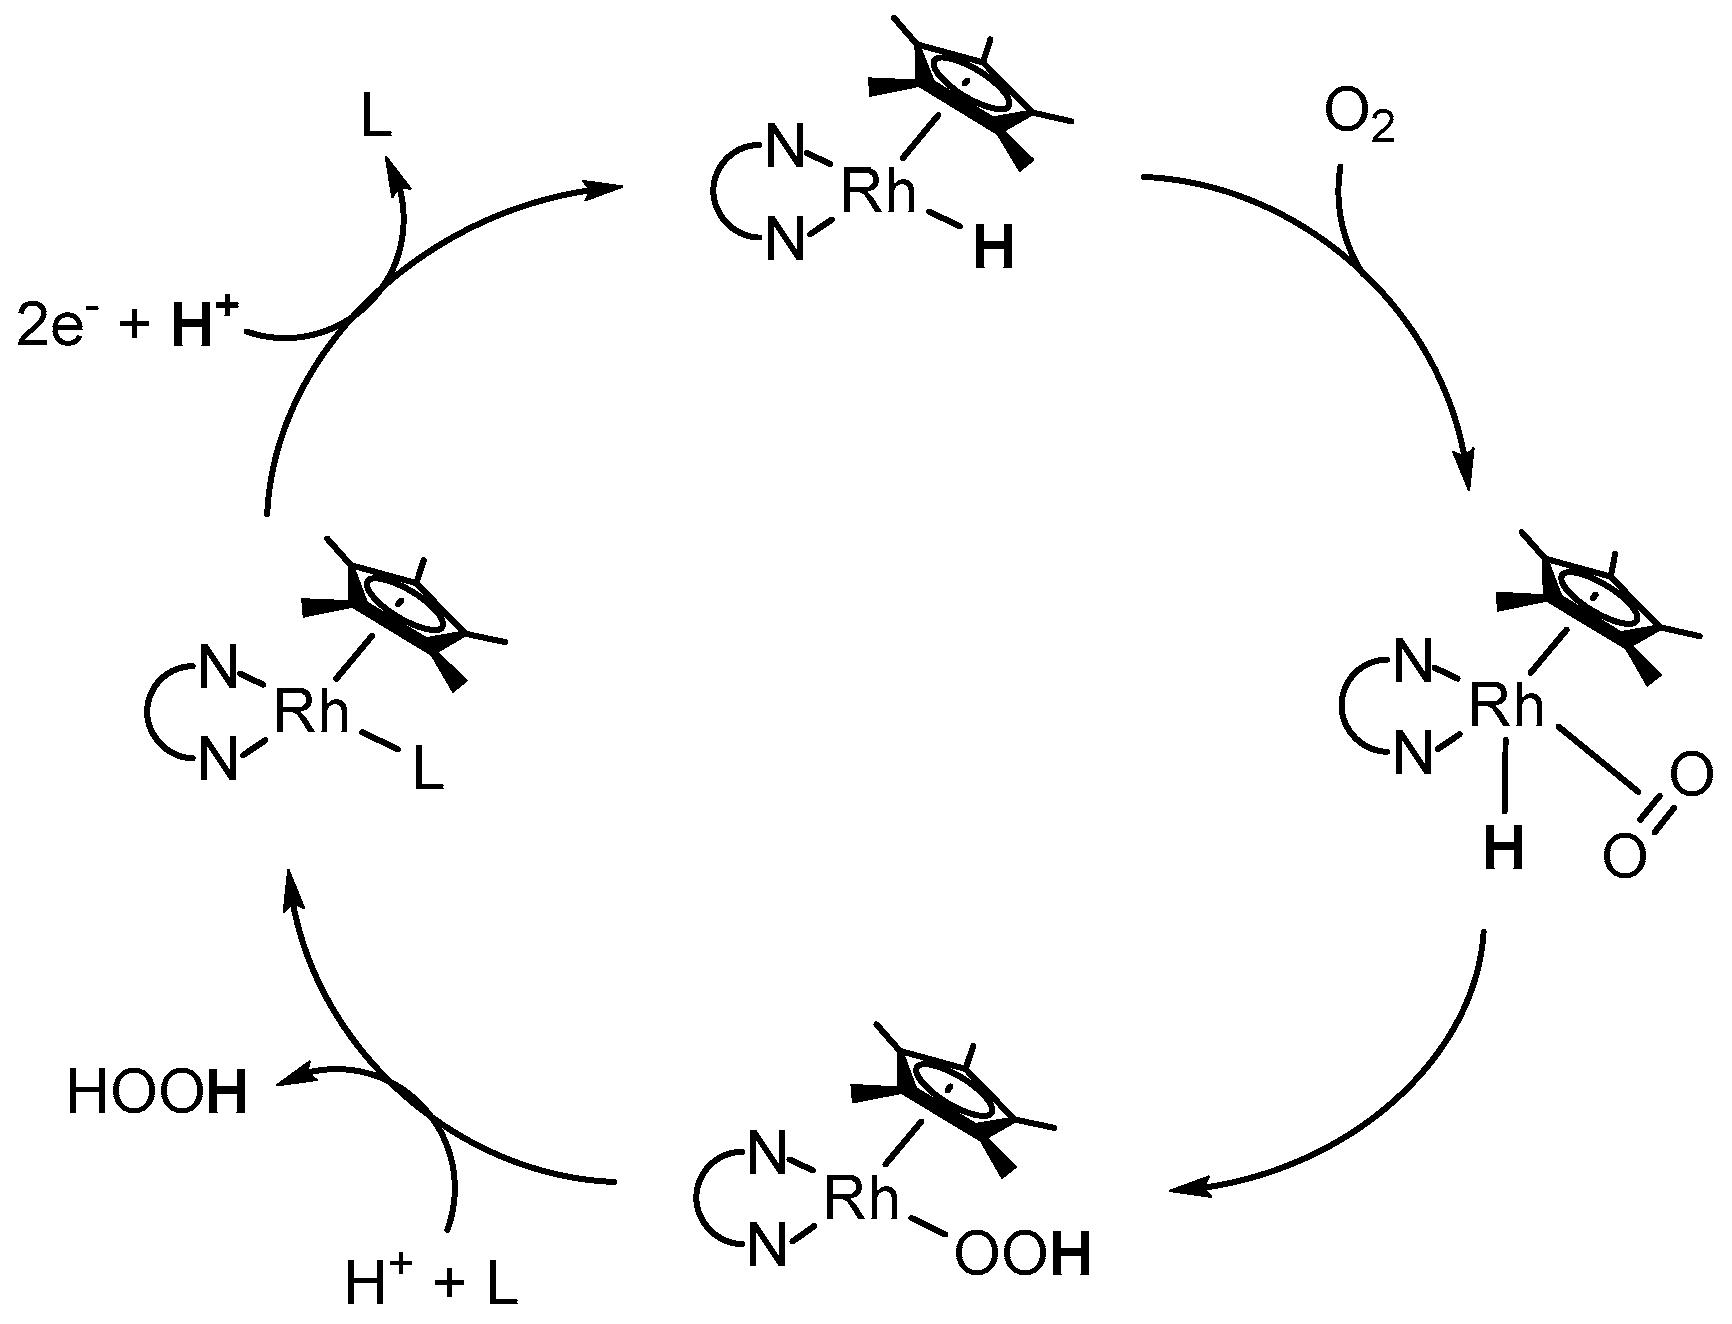 Inorganics 05 00035 g009 figure 10 schematic